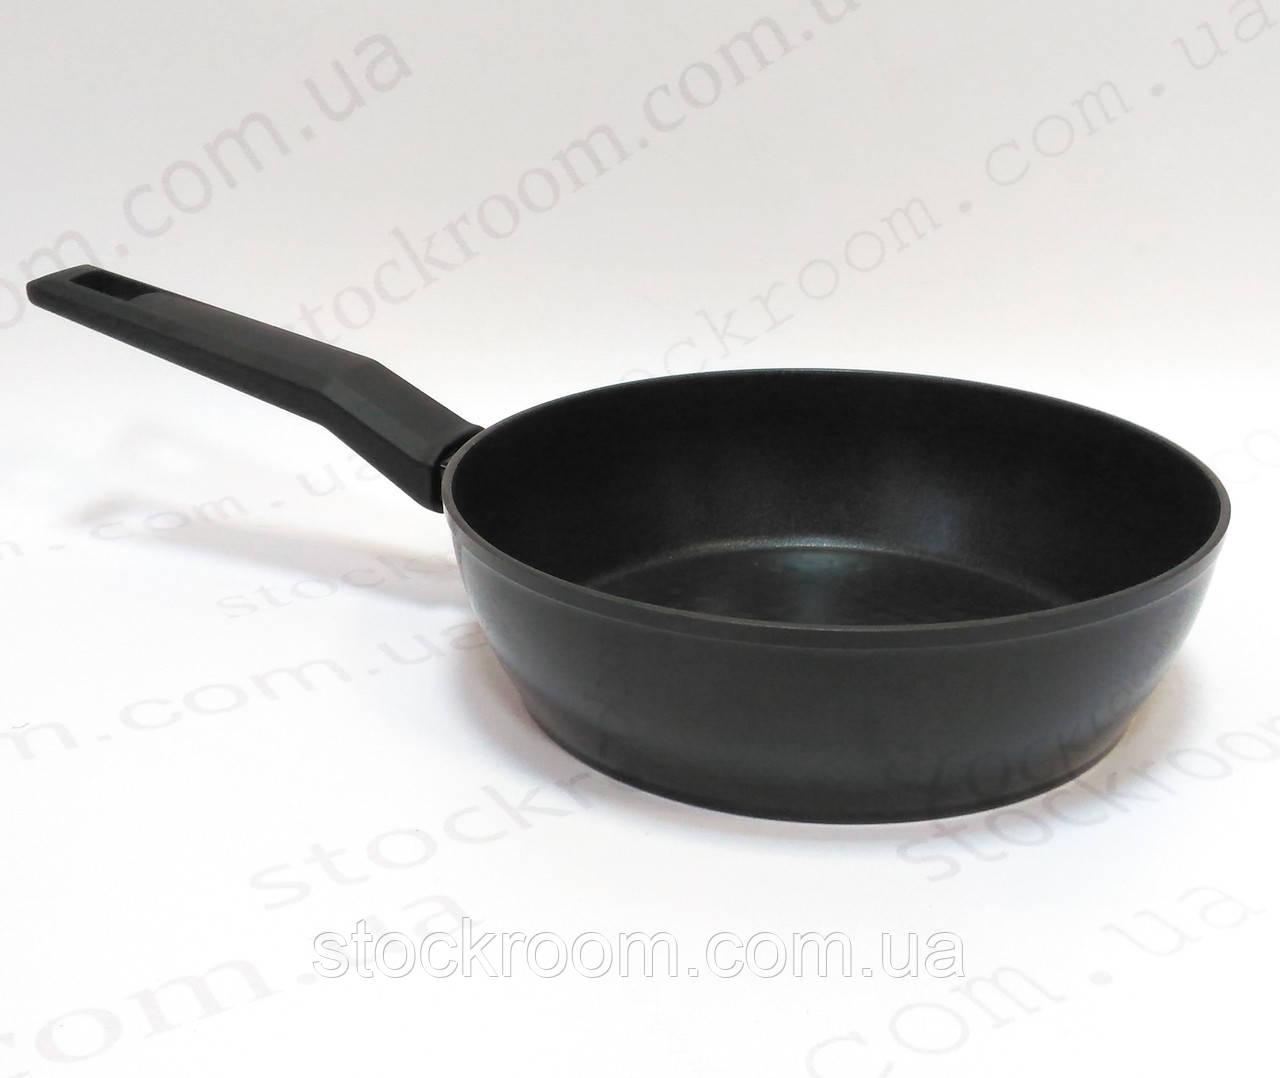 Сковорода с антипригарным покрытием Krauff 25-45-065 Ø 24 см